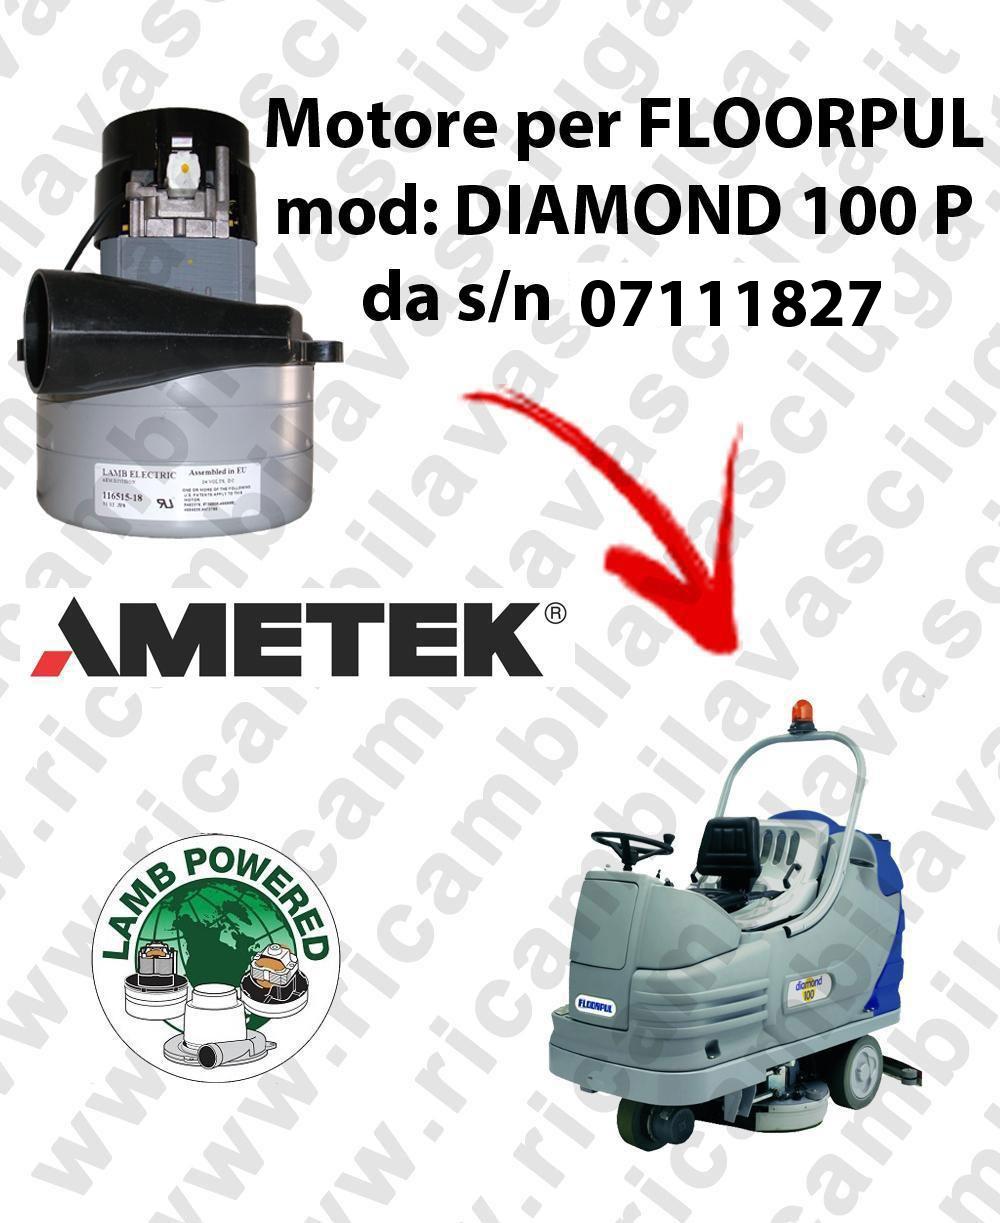 DIAMOND 100 P da s/n 07111827 MOTEUR ASPIRATION LAMB AMATEK pour autolaveuses FLOORPUL